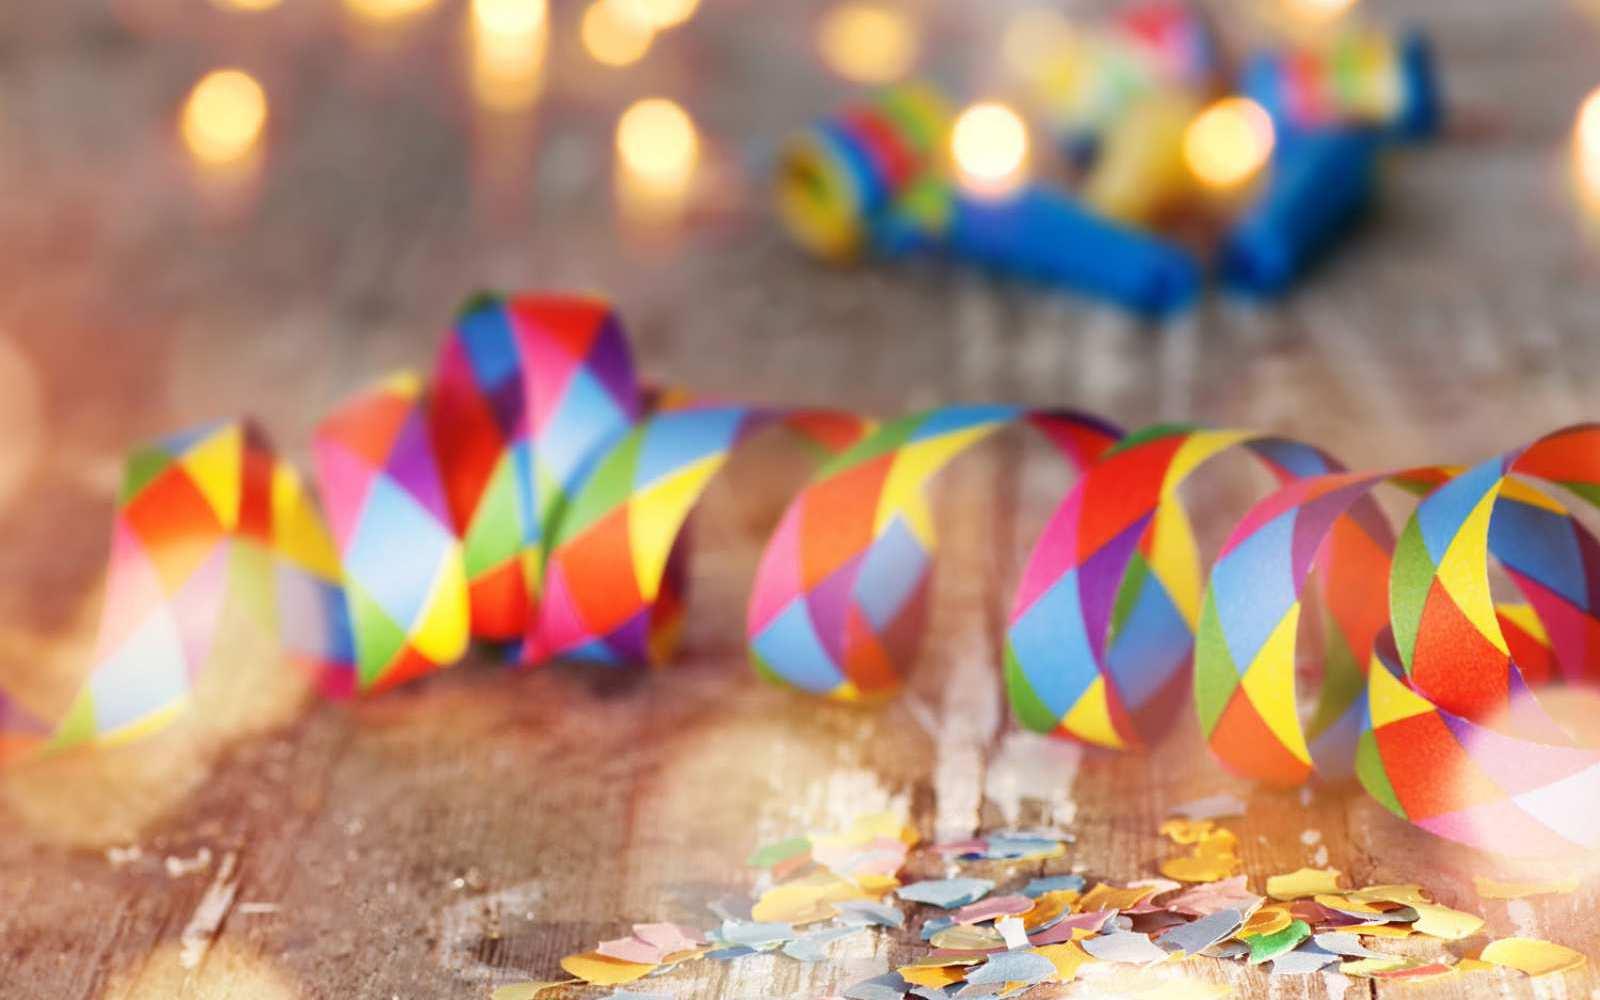 Zeit für Konfetti und Luftschlangen, der Karneval kann kommen!